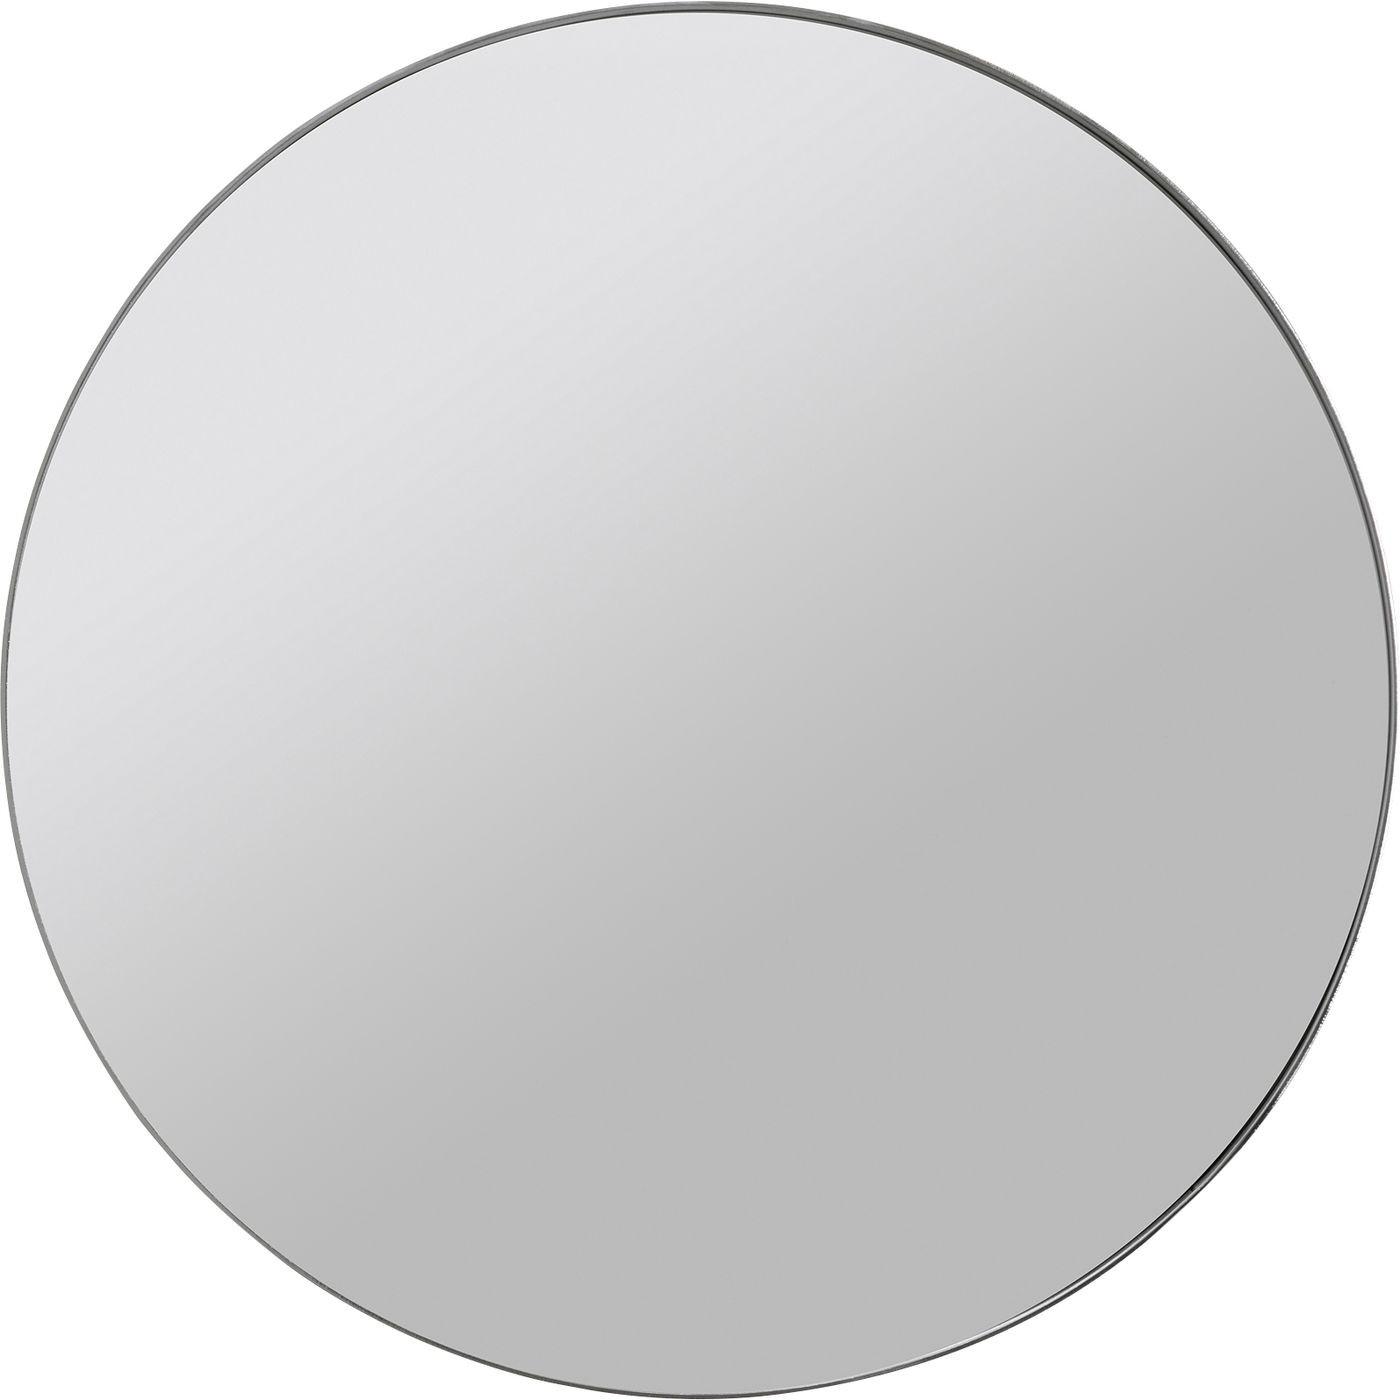 Miroir rond en métal chromé D100